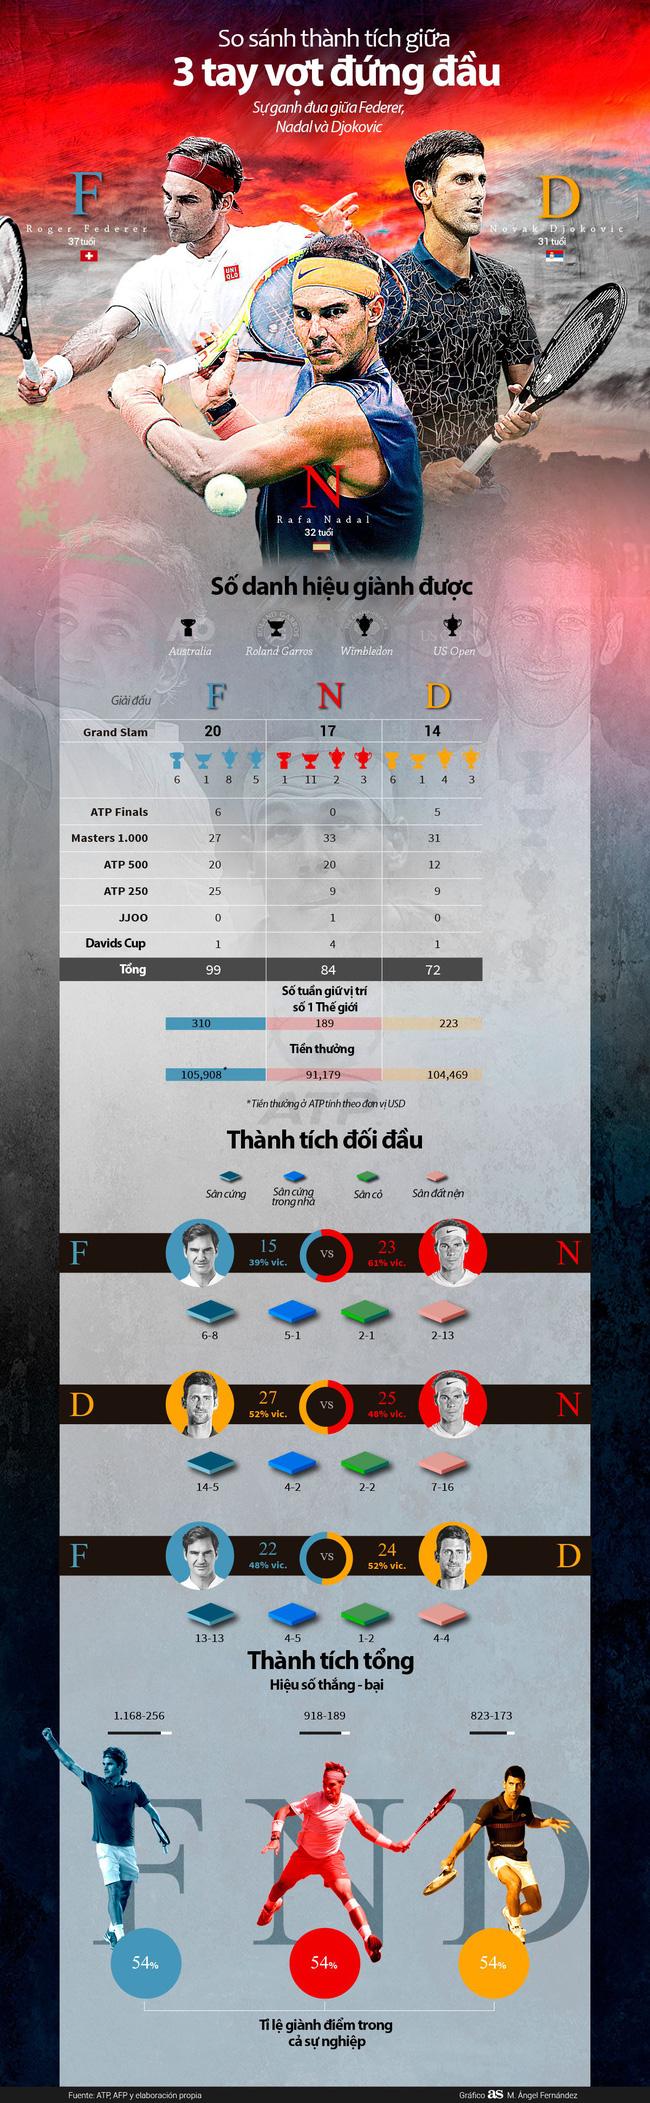 Infographic: So sánh tam anh làng banh nỉ Federer -  Nadal - Djokovic - Ảnh 6.